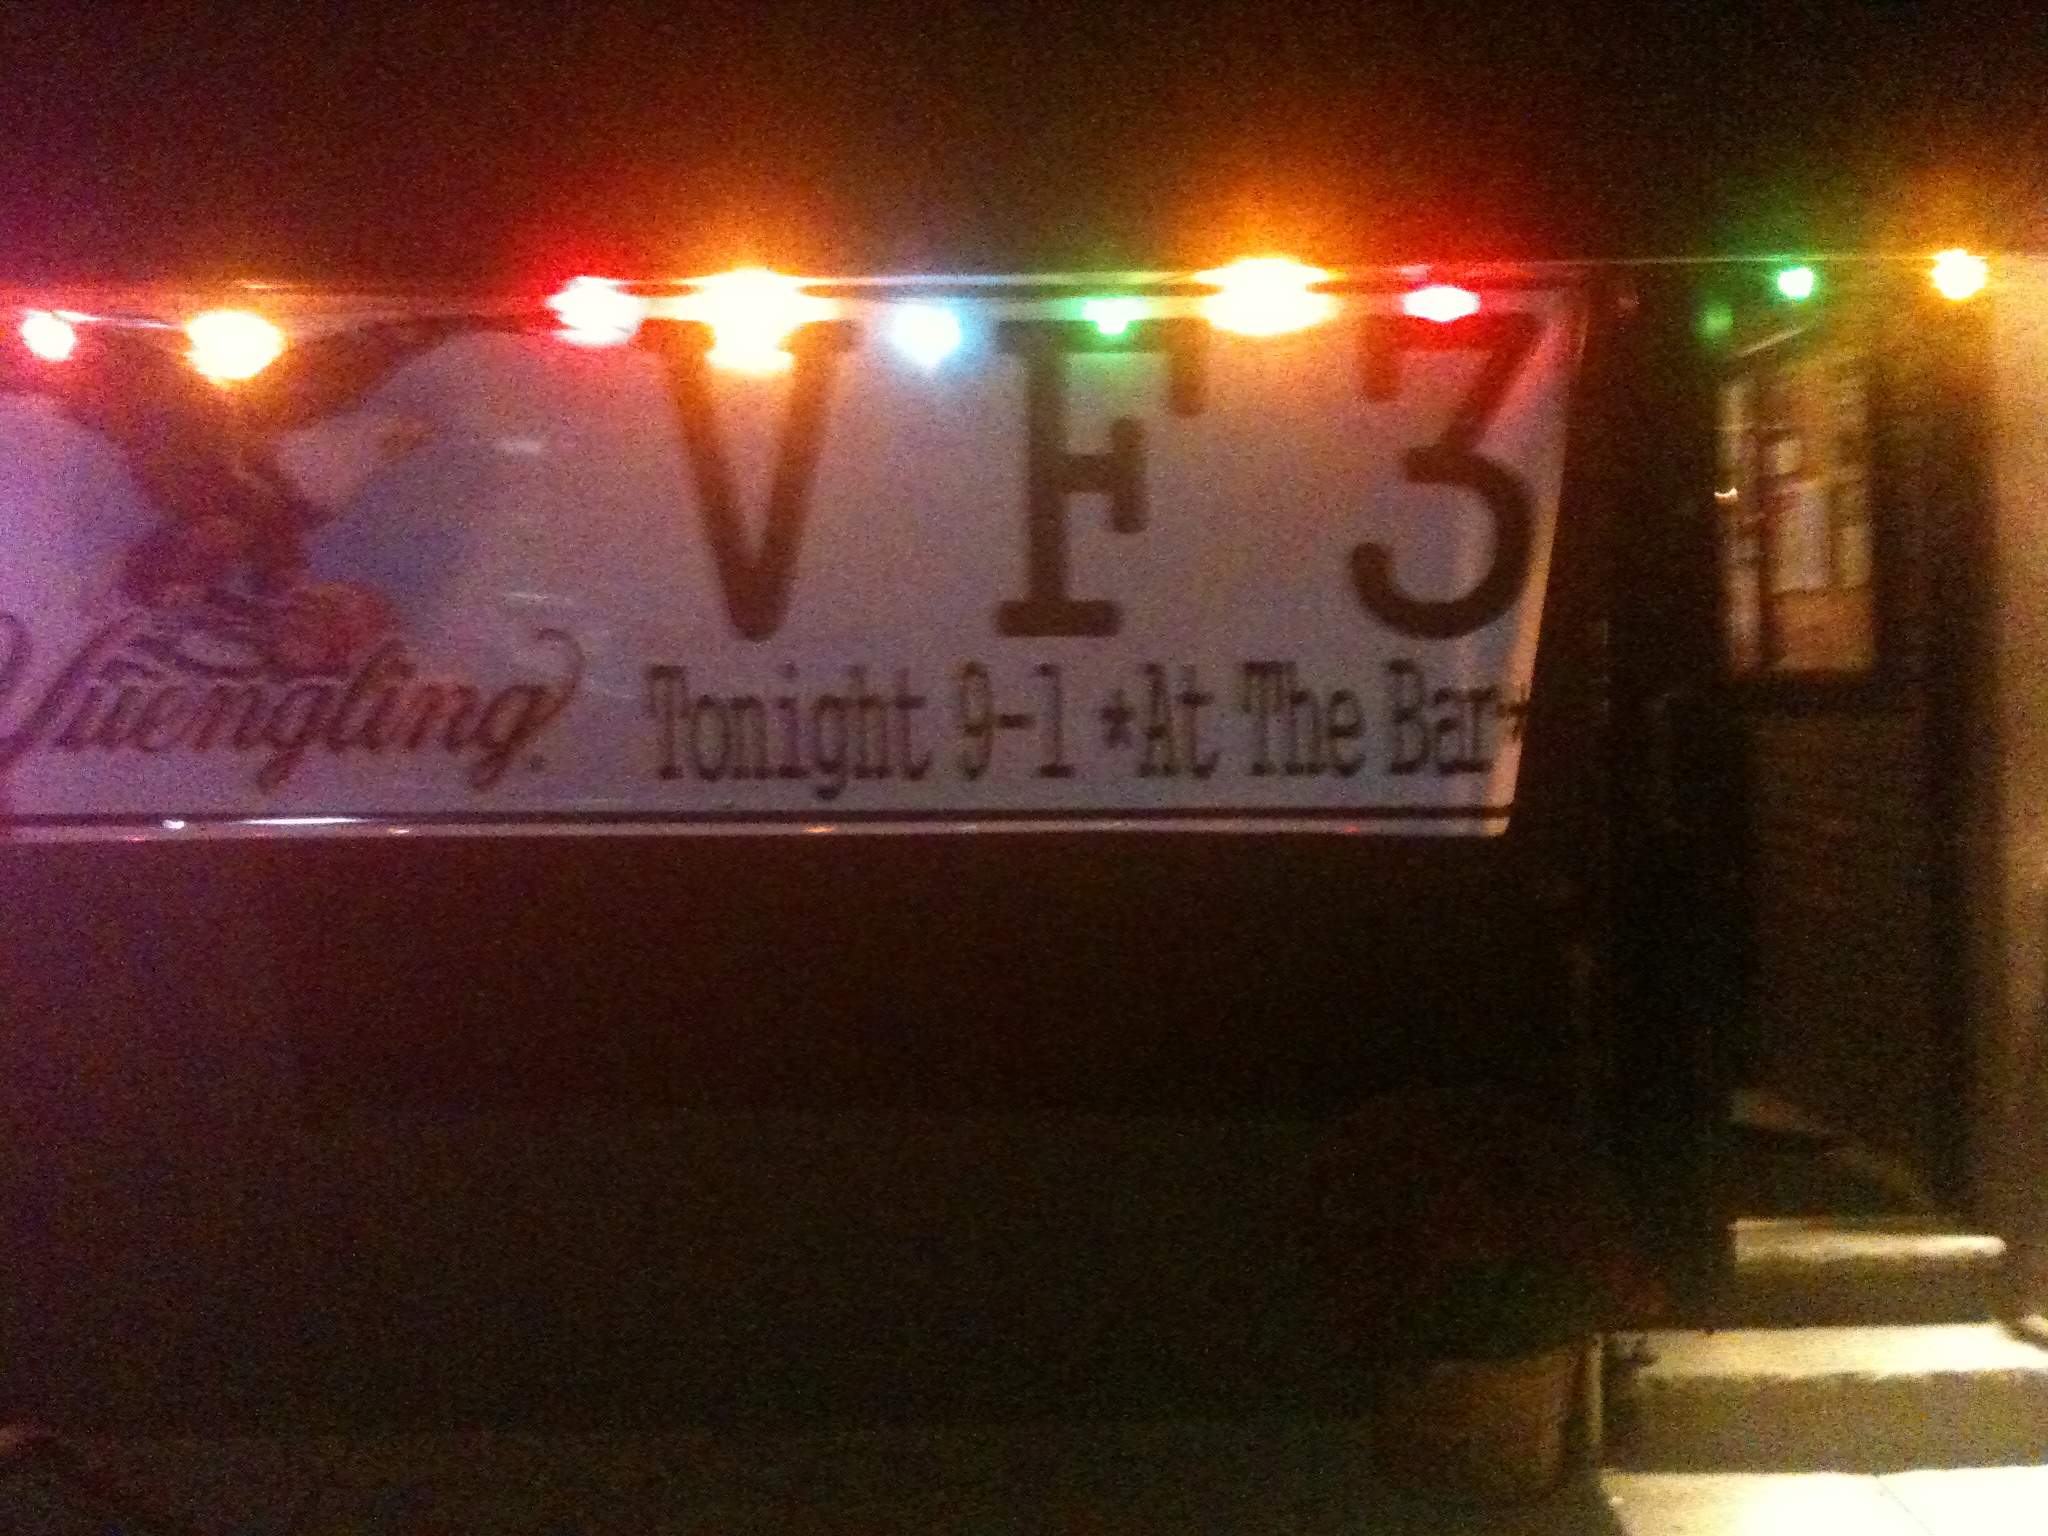 VF 3 at The Venice (Bayonne, NJ)